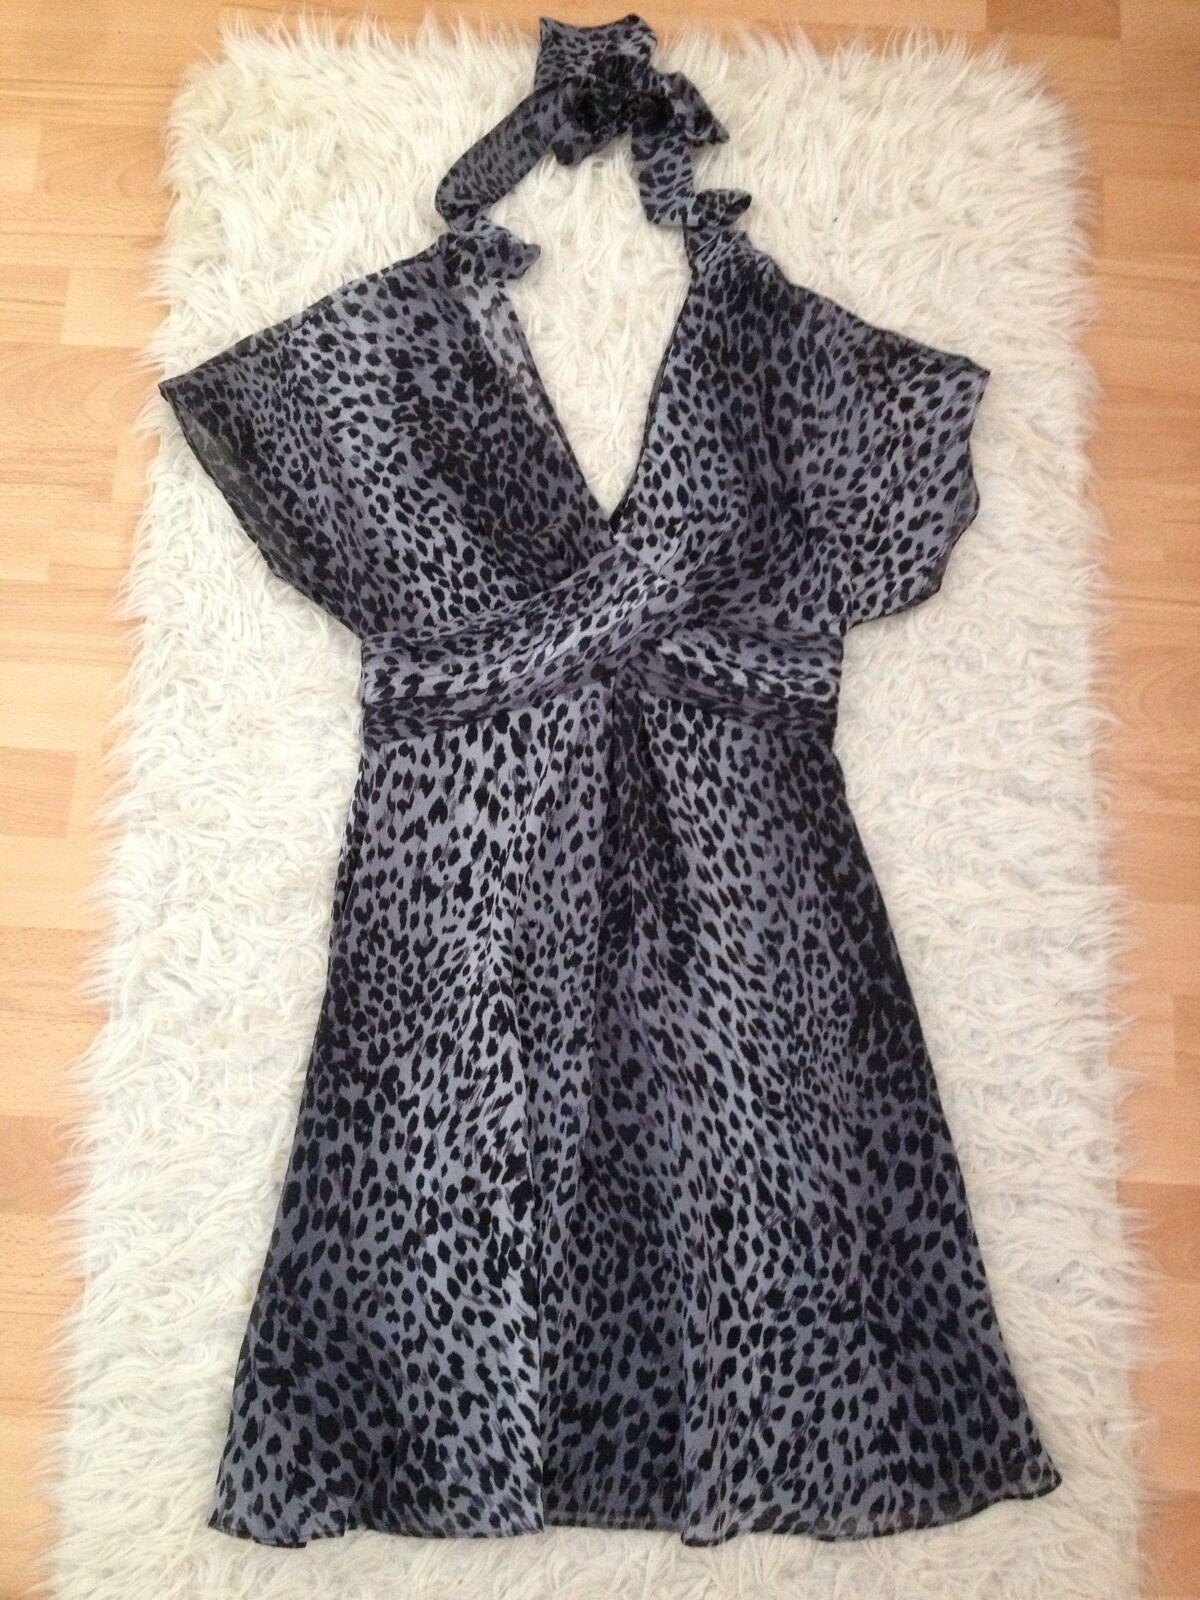 Gorgeous Karen Millen Millen Millen Animal Print Dress, size UK10 - VGC 90aaa5